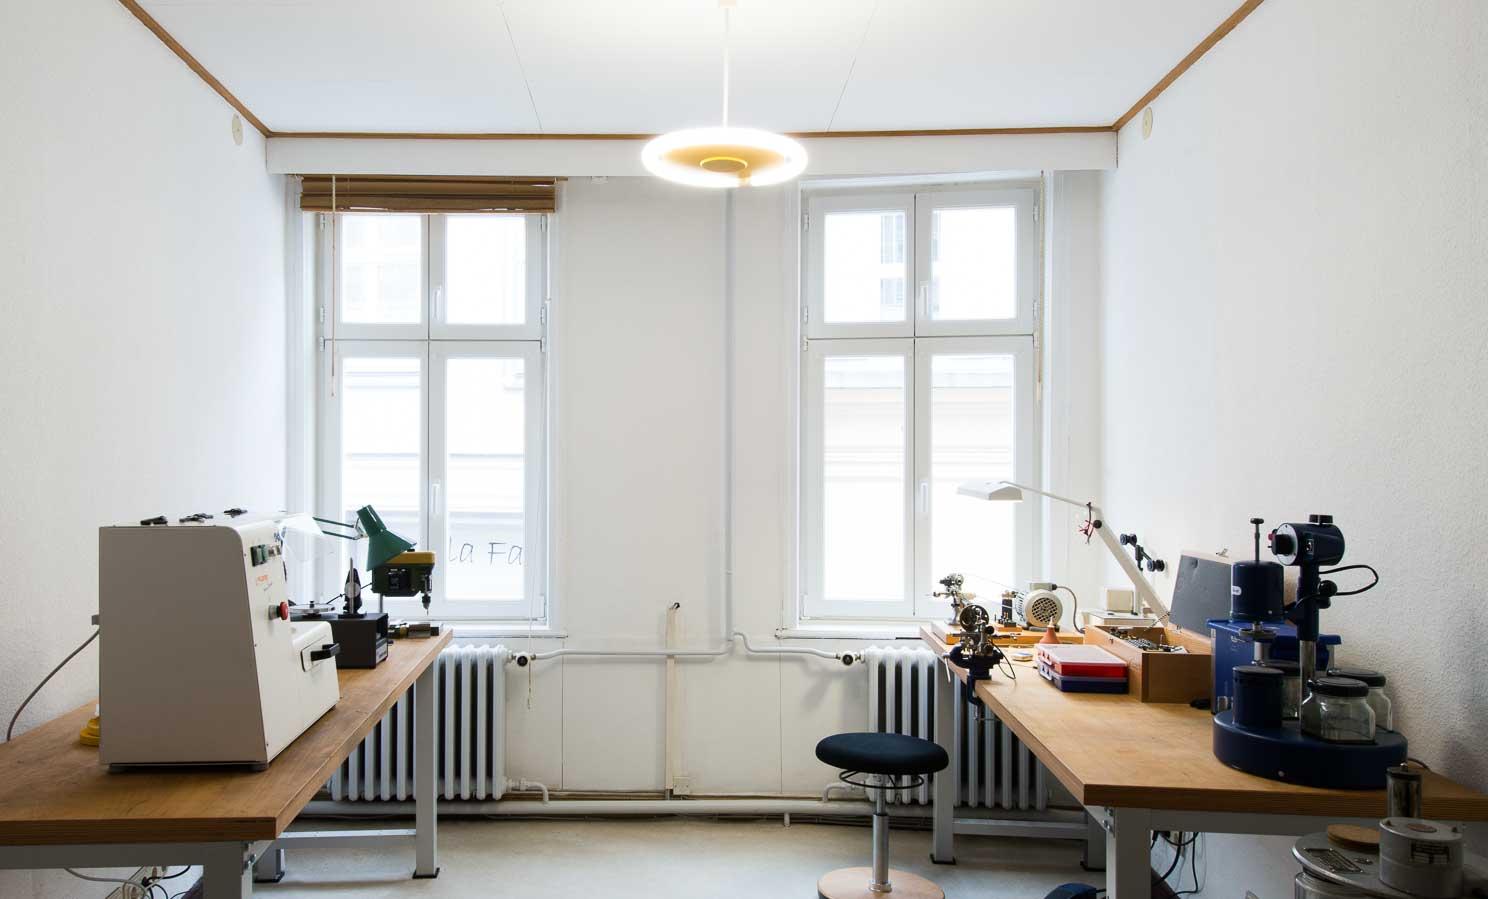 Werkstatt für Anfertigungen und Bearbeitungen